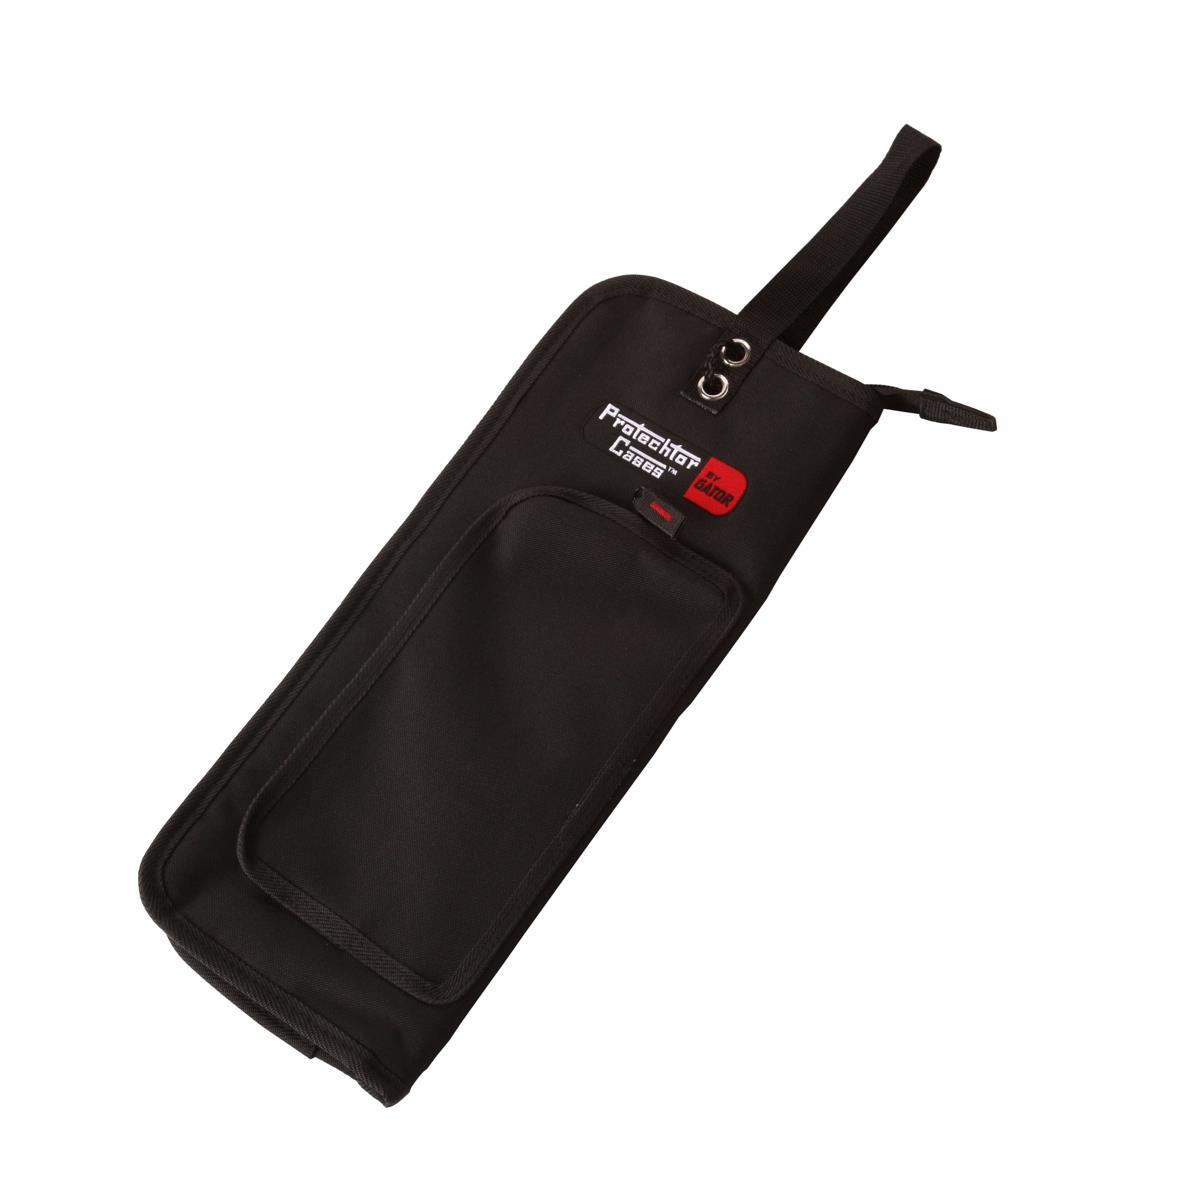 Gator GP-007A - borsa per bacchette/mallet - Batterie / Percussioni Accessori - Custodie Per Batteria